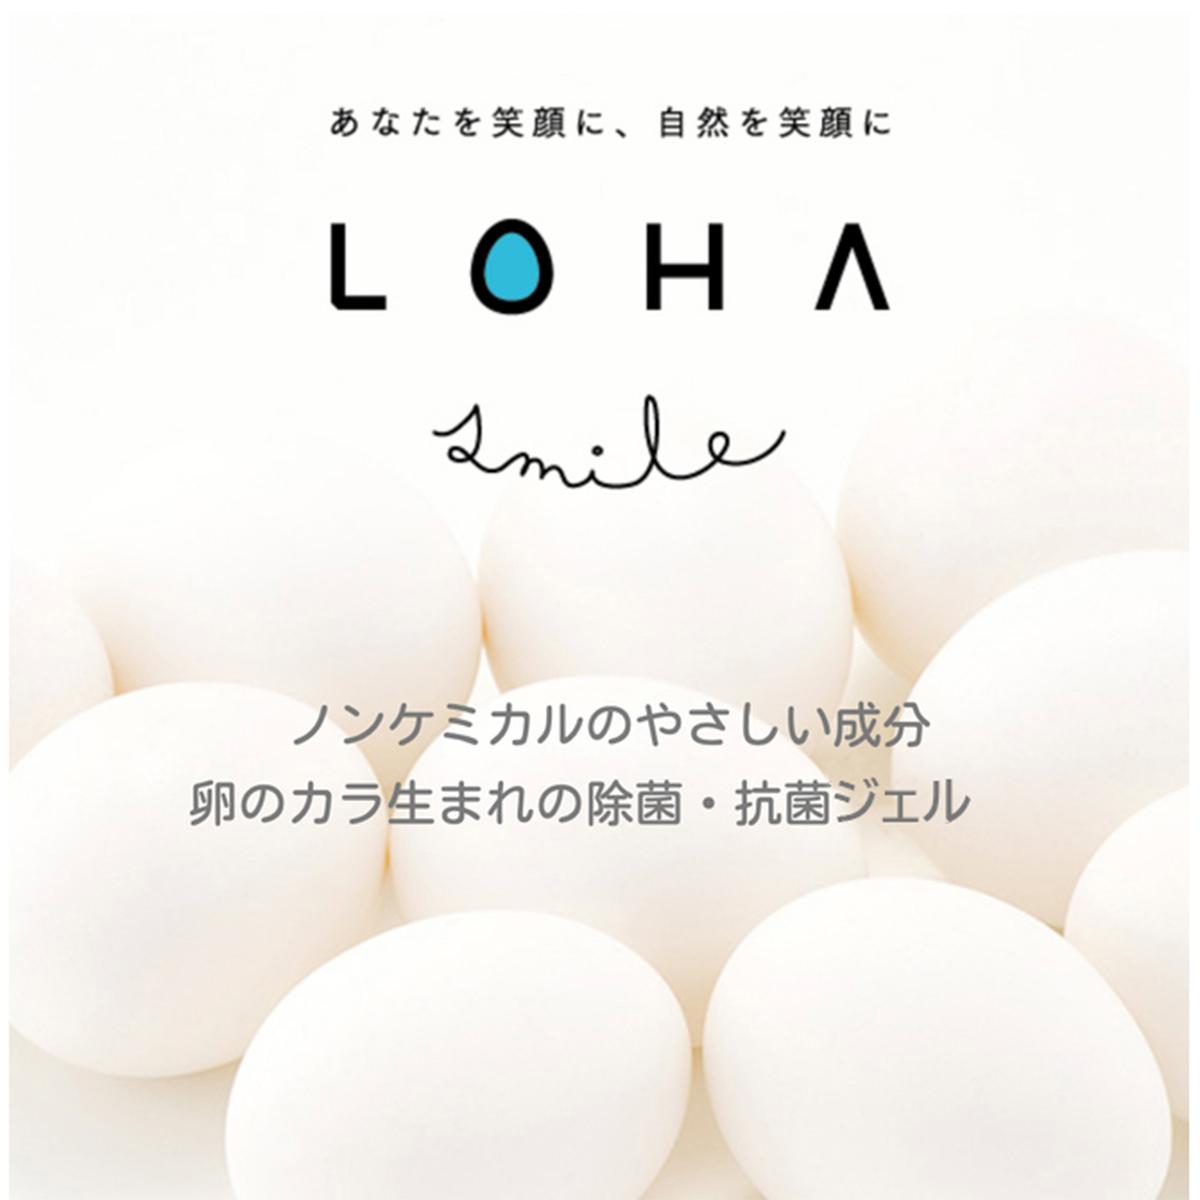 LOHA smile 除菌・抗菌スプレー200ml ロハスマイル